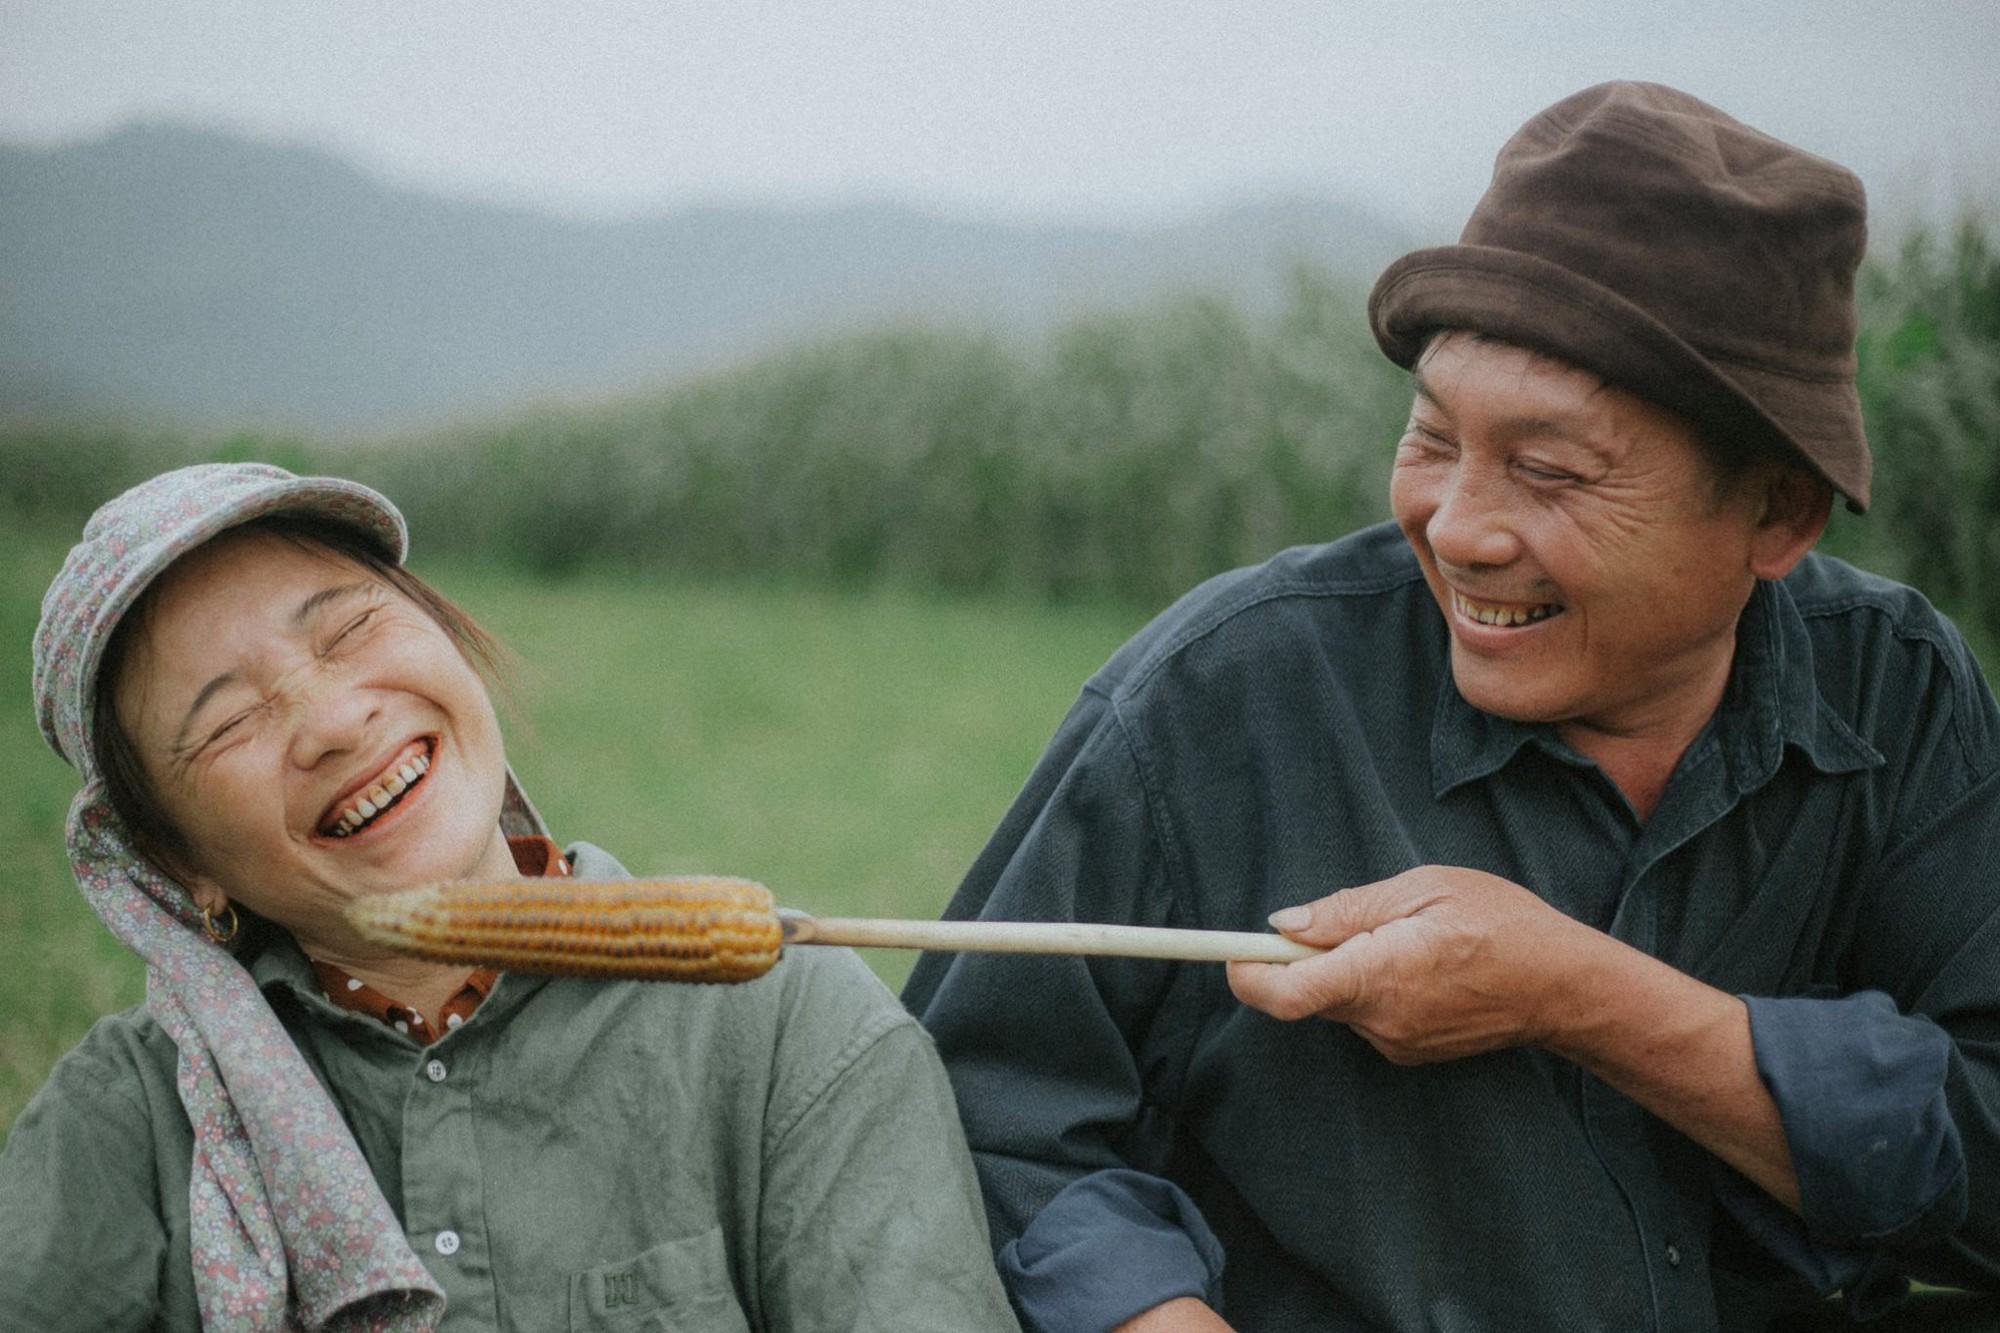 Bộ ảnh con trai chụp bố mẹ trên cánh đồng khiến ai cũng bất giác mỉm cười vì quá đỗi bình yên - Ảnh 4.